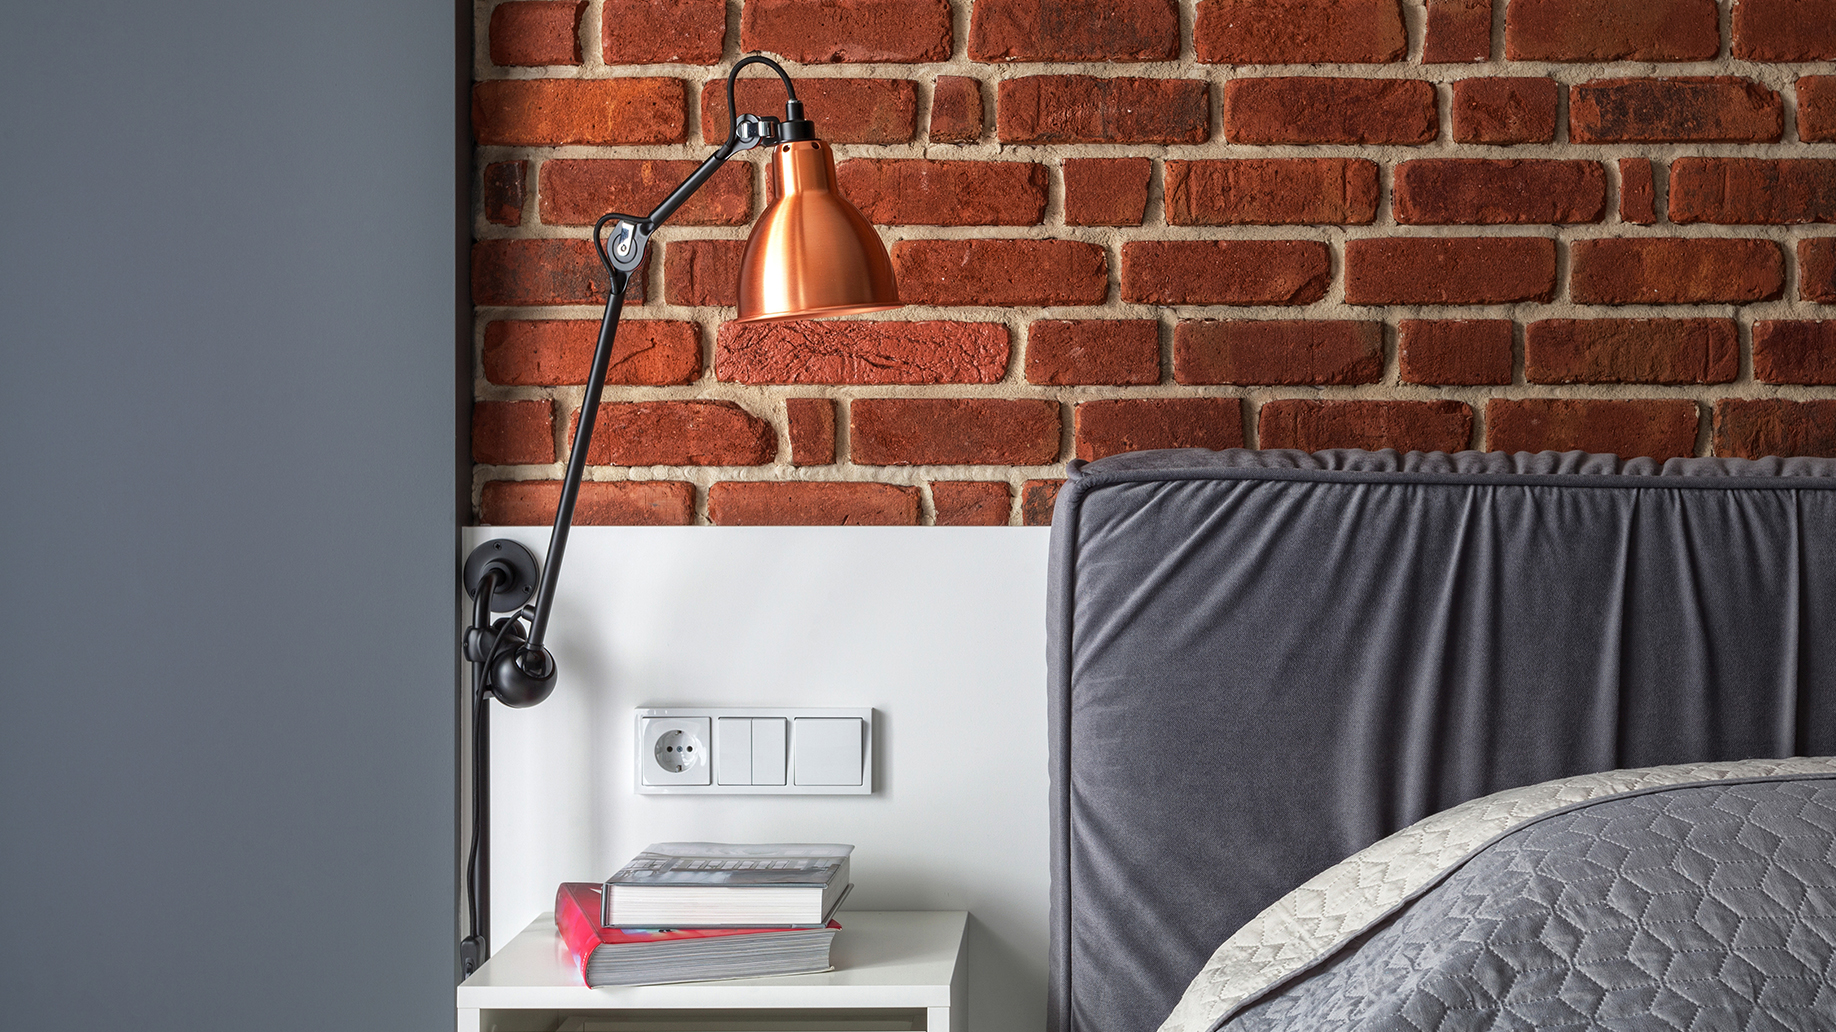 Aprende a cambiar los enchufes eléctricos de tu hogar